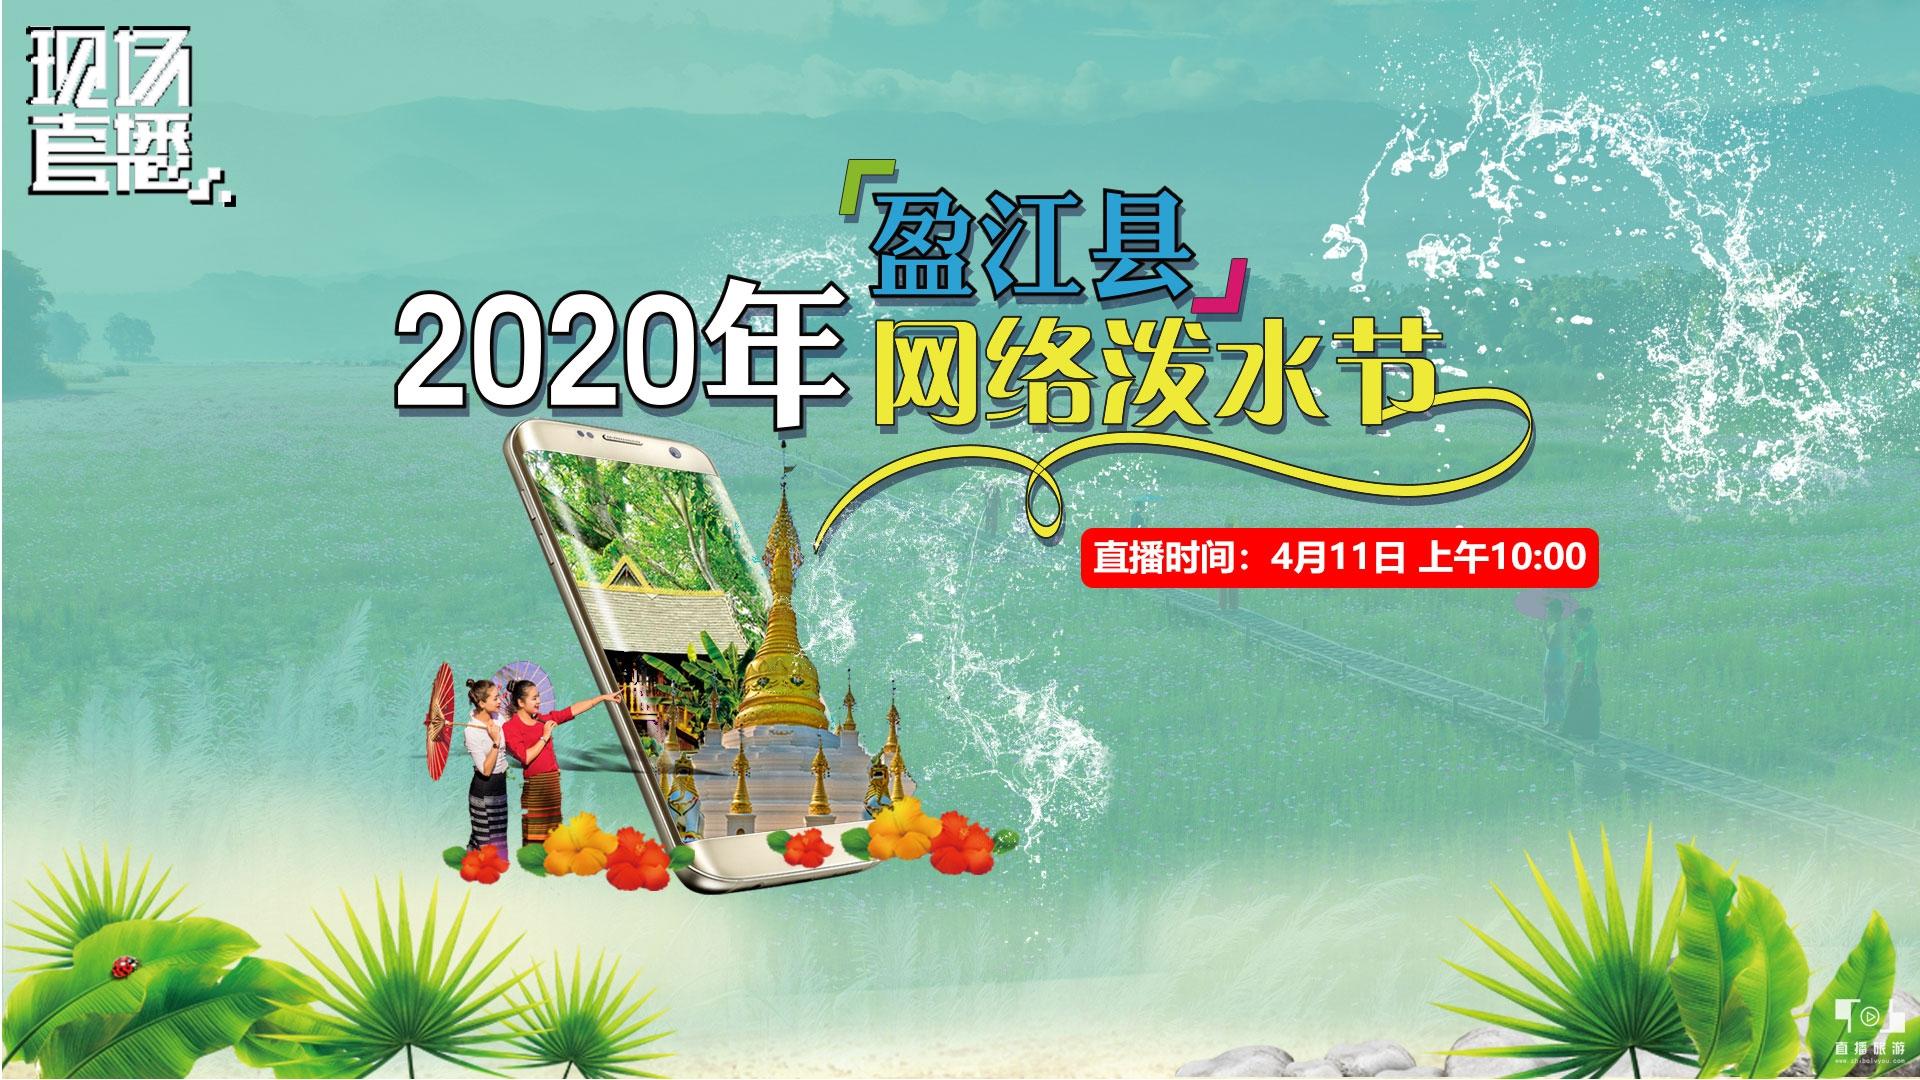 2020年盈江县网络泼水节